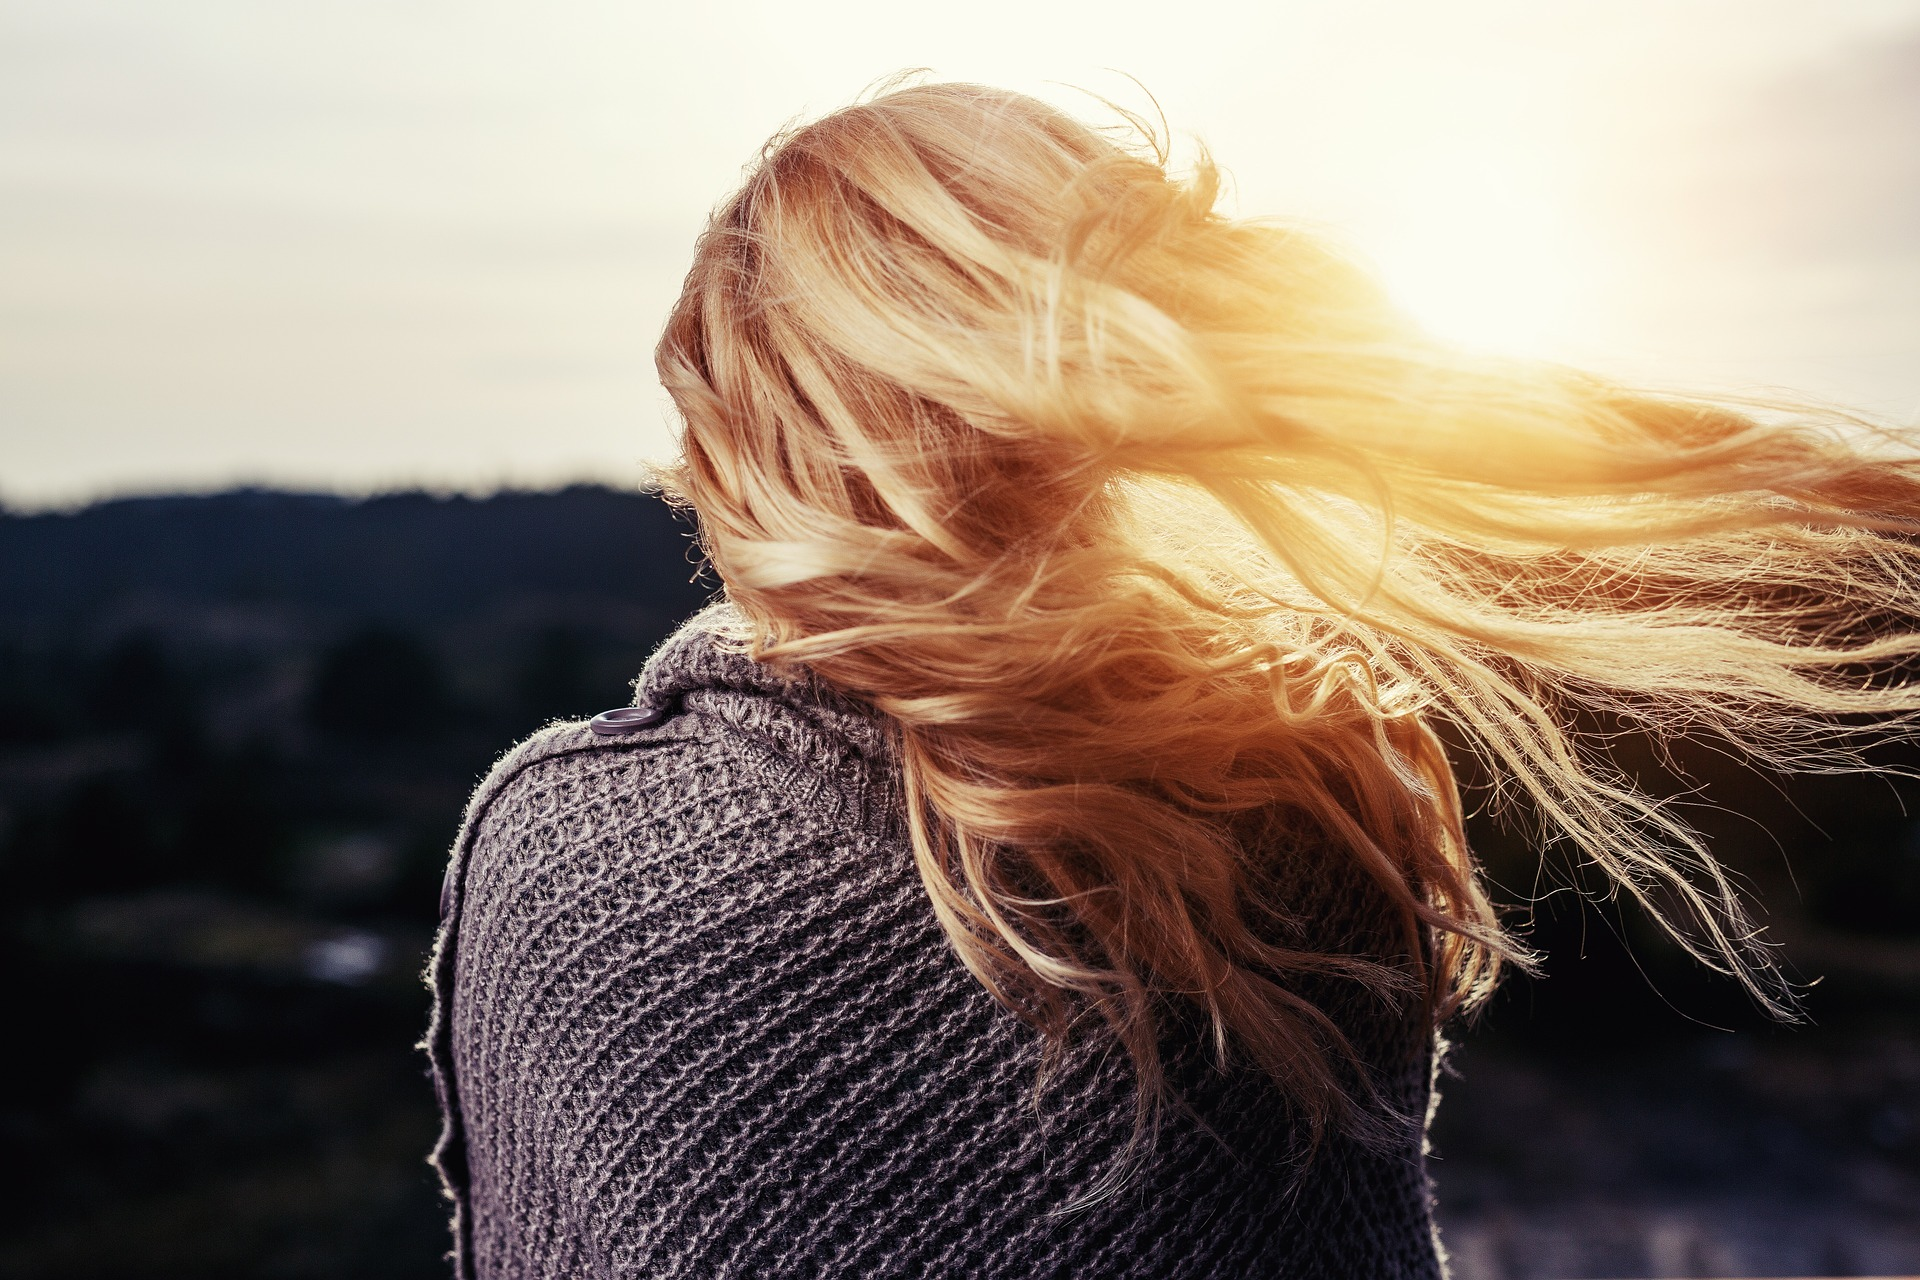 girl-back-blonde-1246525_1920.jpg